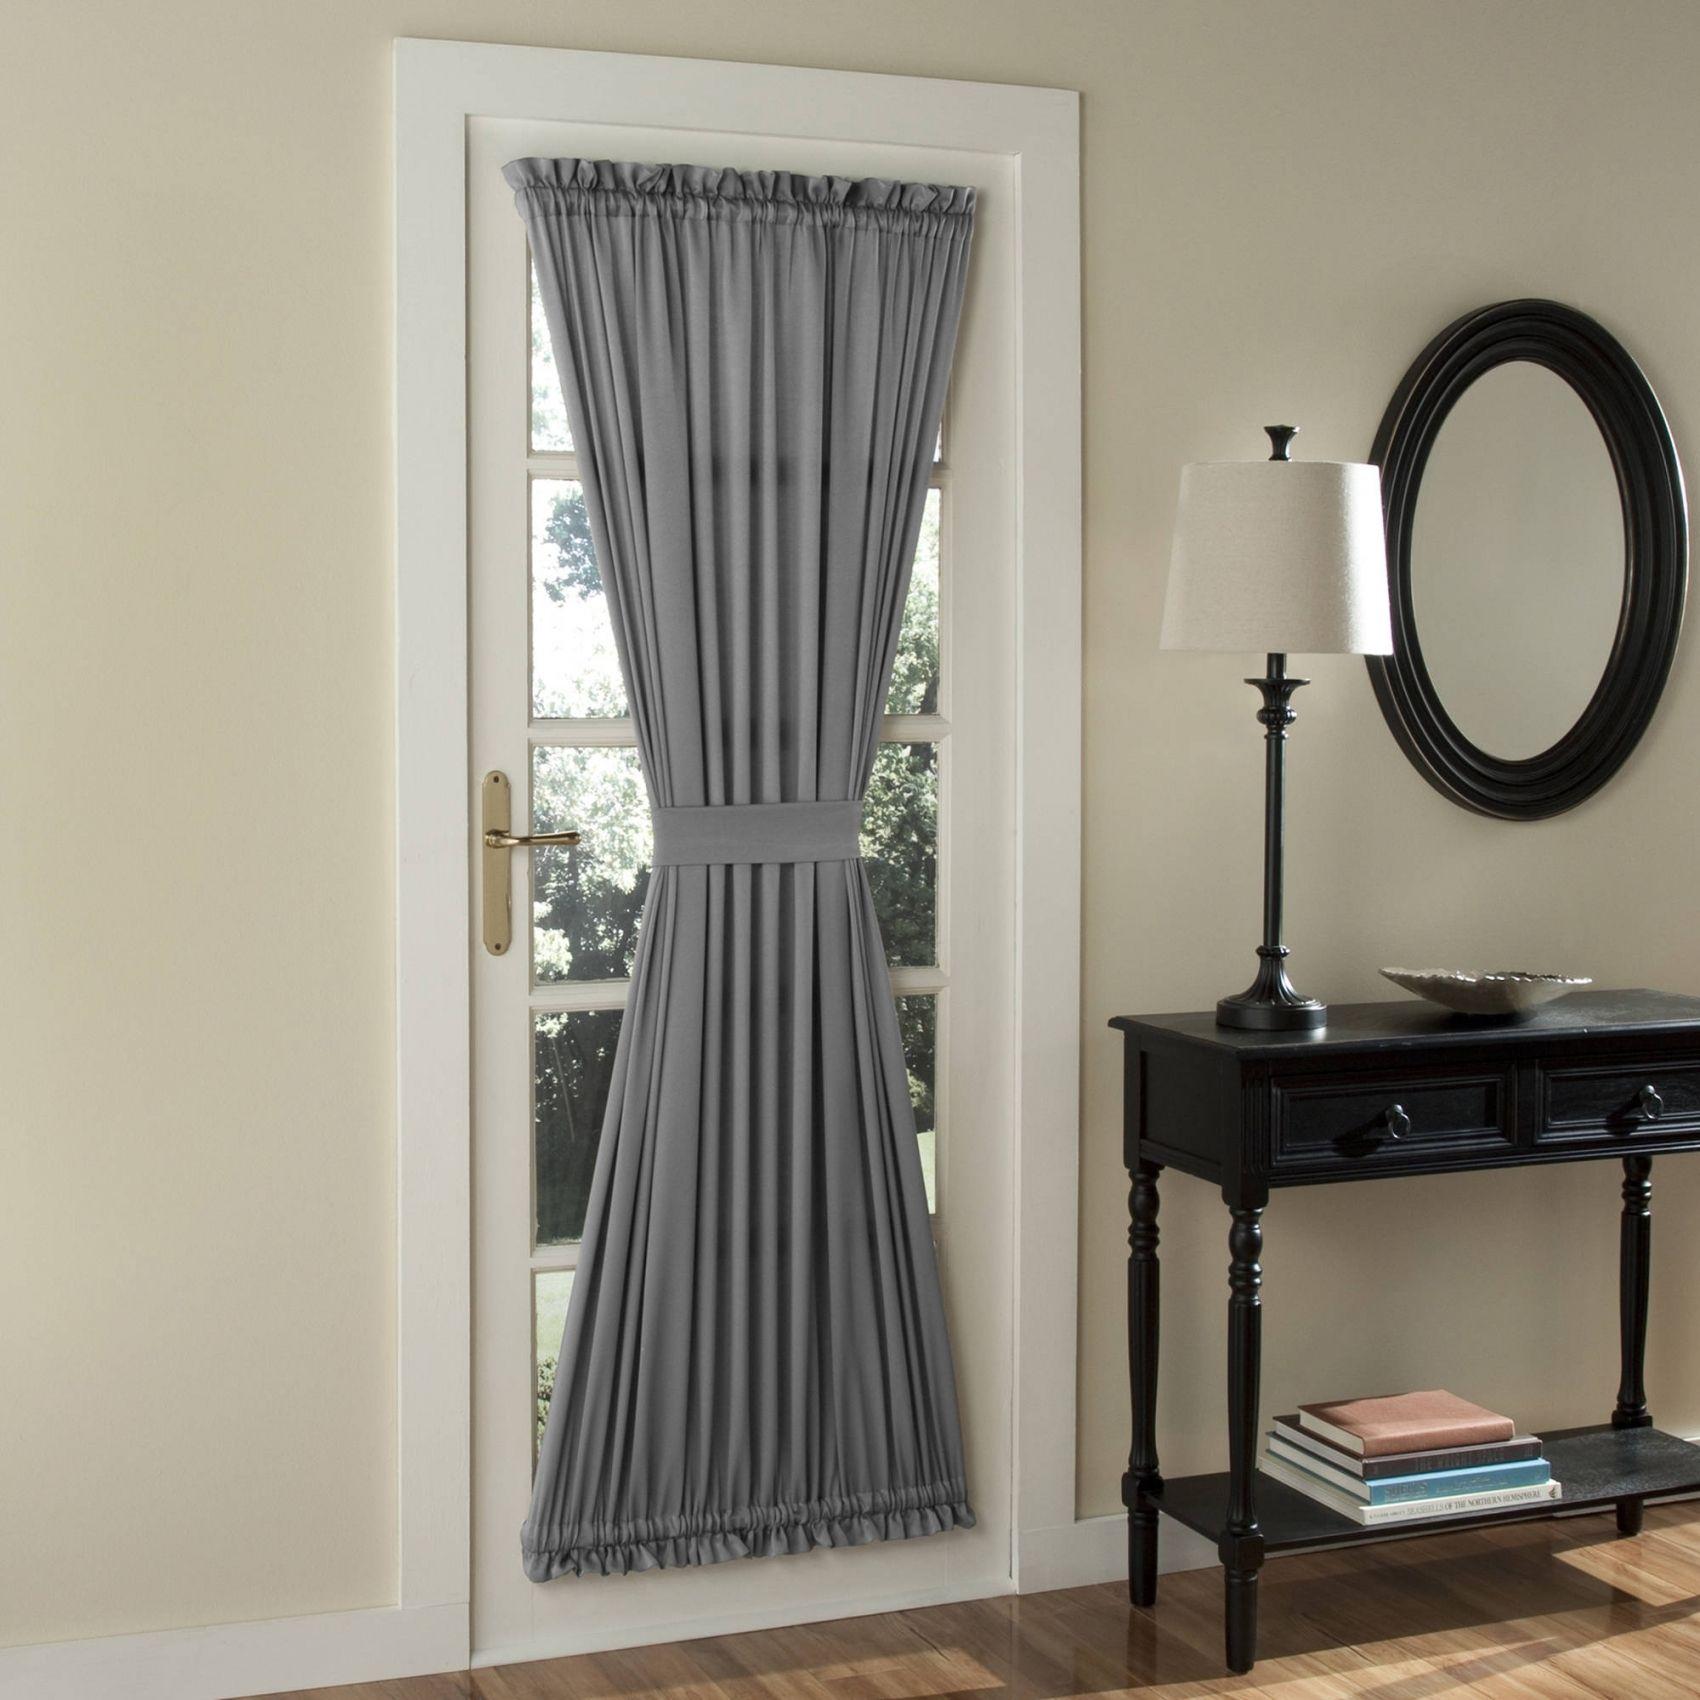 Short Side Panel Curtain Rods Dining Room Drapes Short